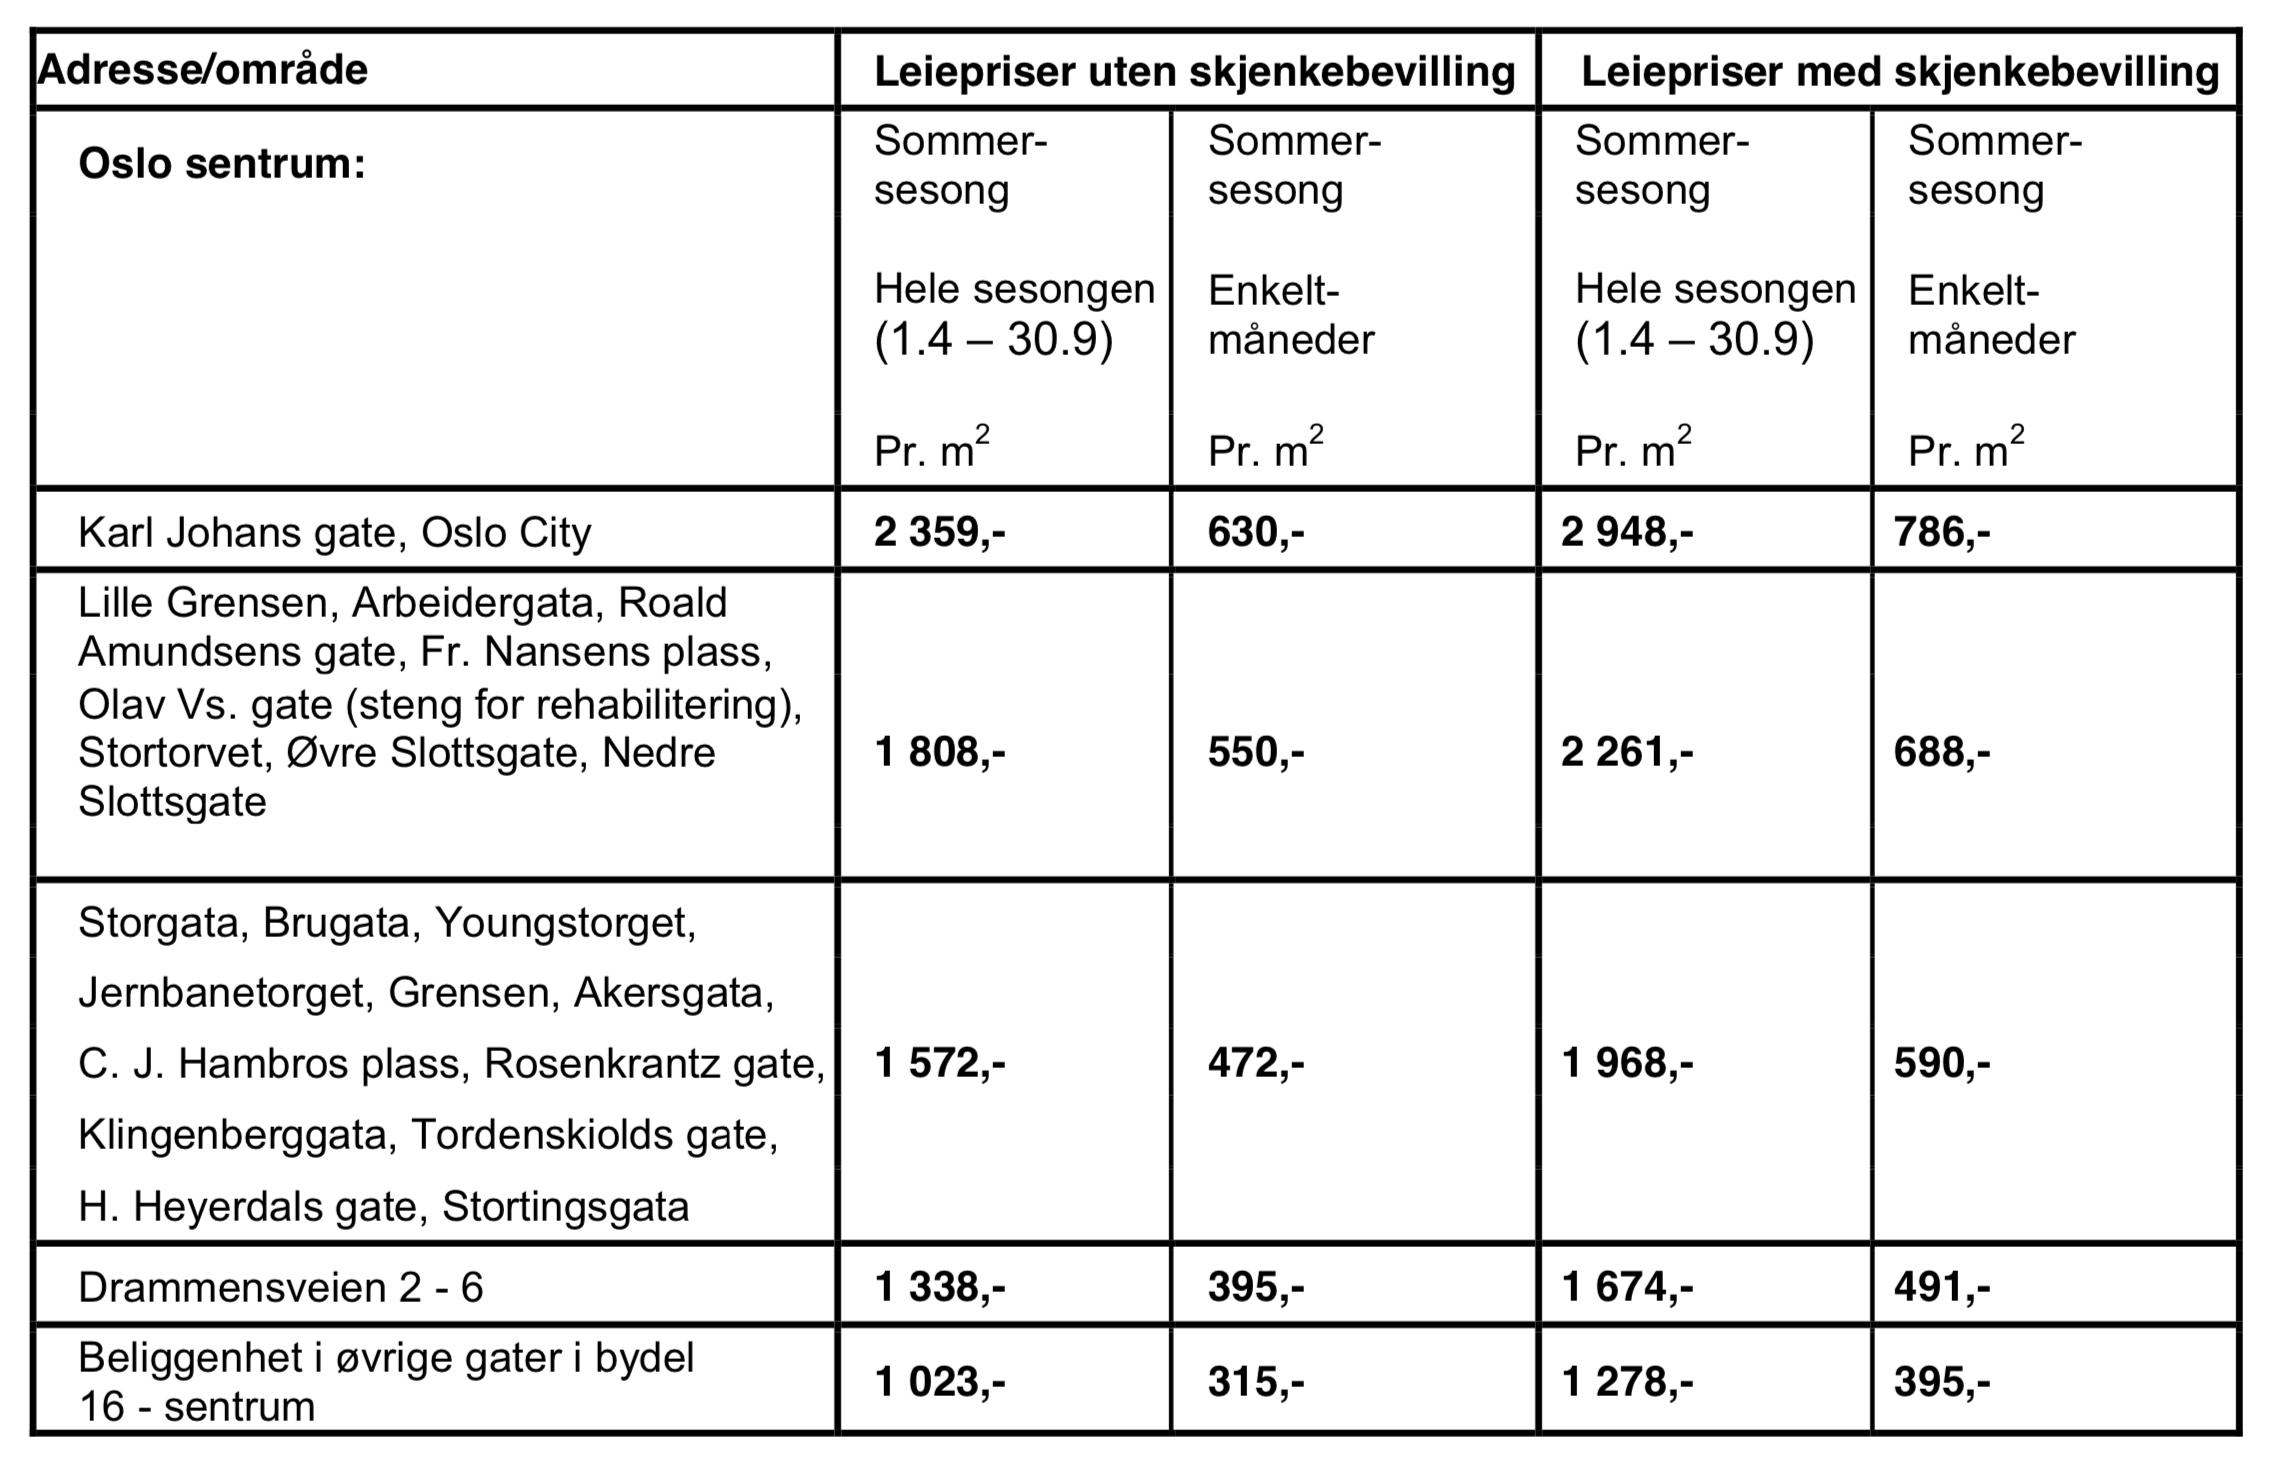 Skjermbilde 2019-08-18 kl. 18.15.50.png